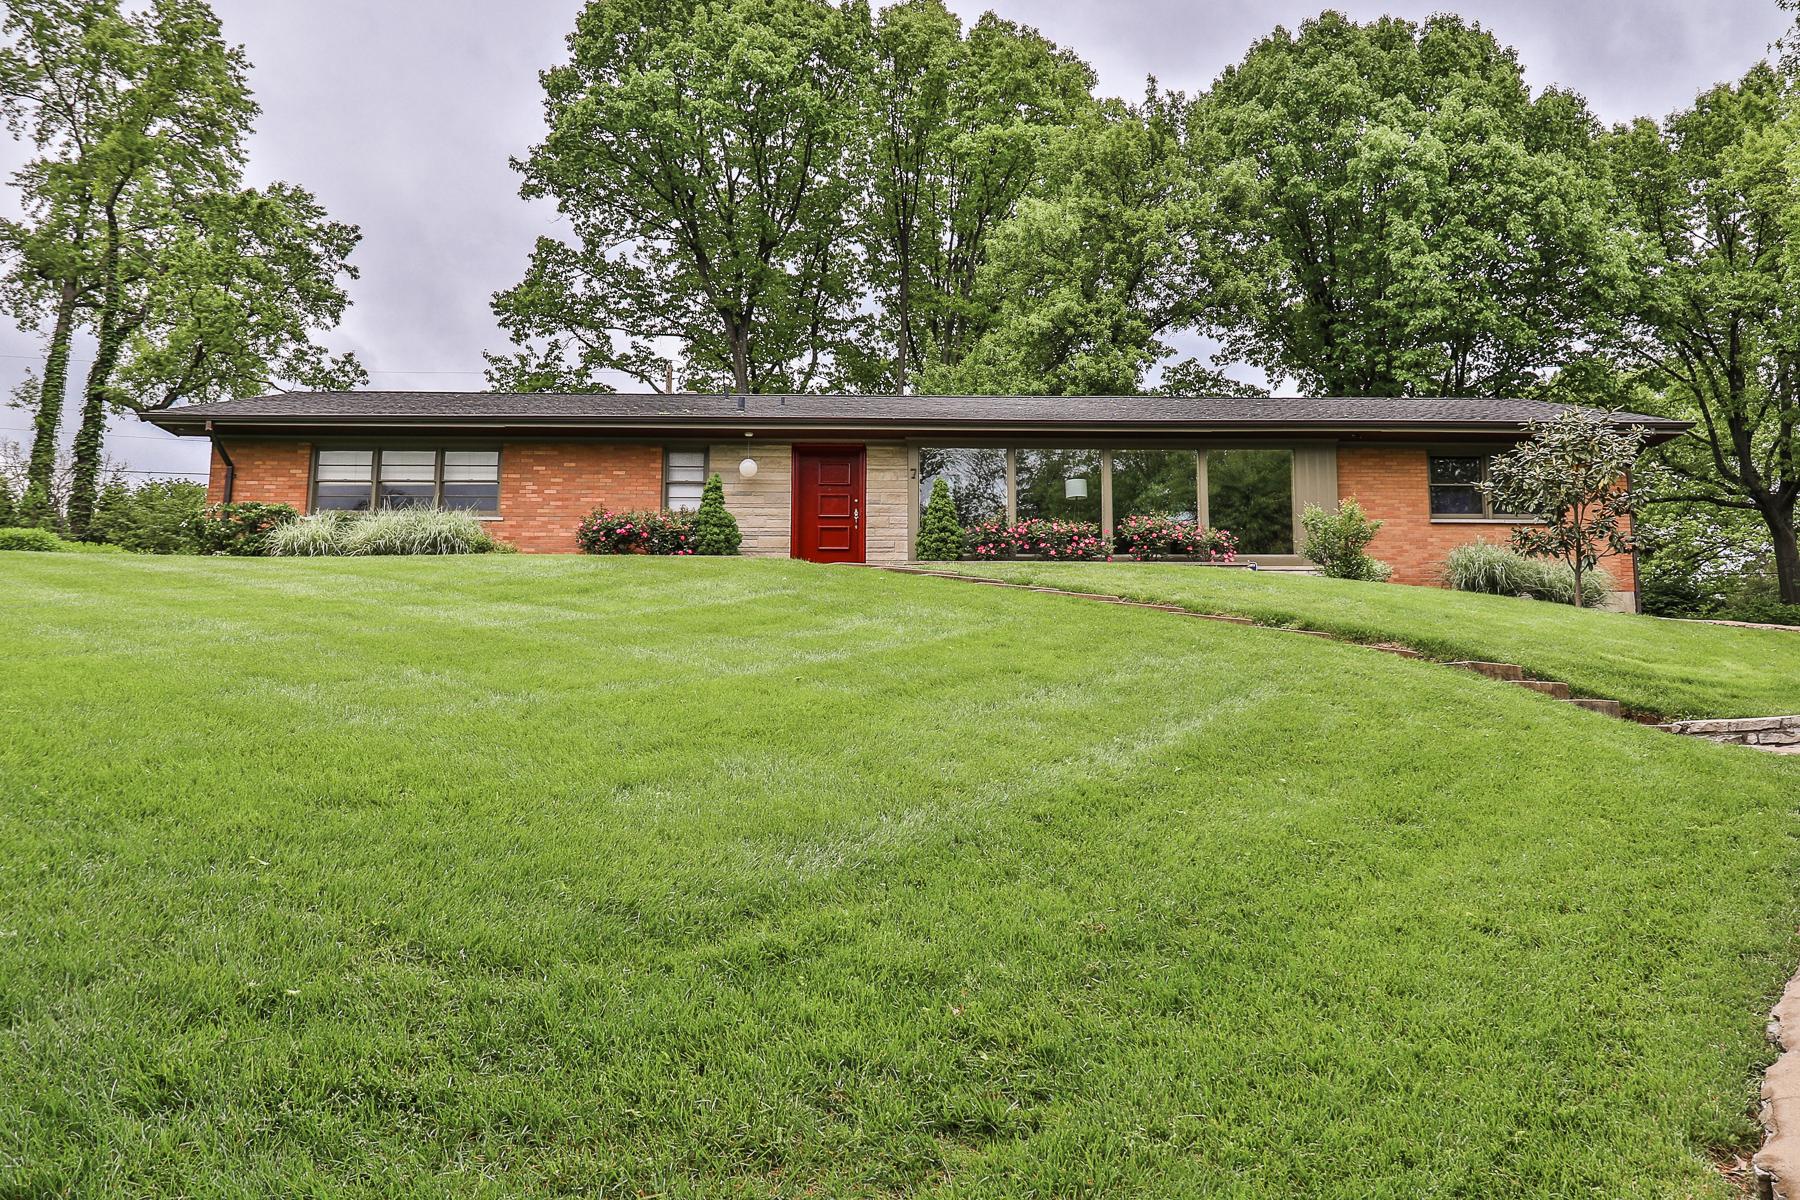 独户住宅 为 销售 在 Valley View 7 Valley View Ladue, 密苏里州, 63124 美国